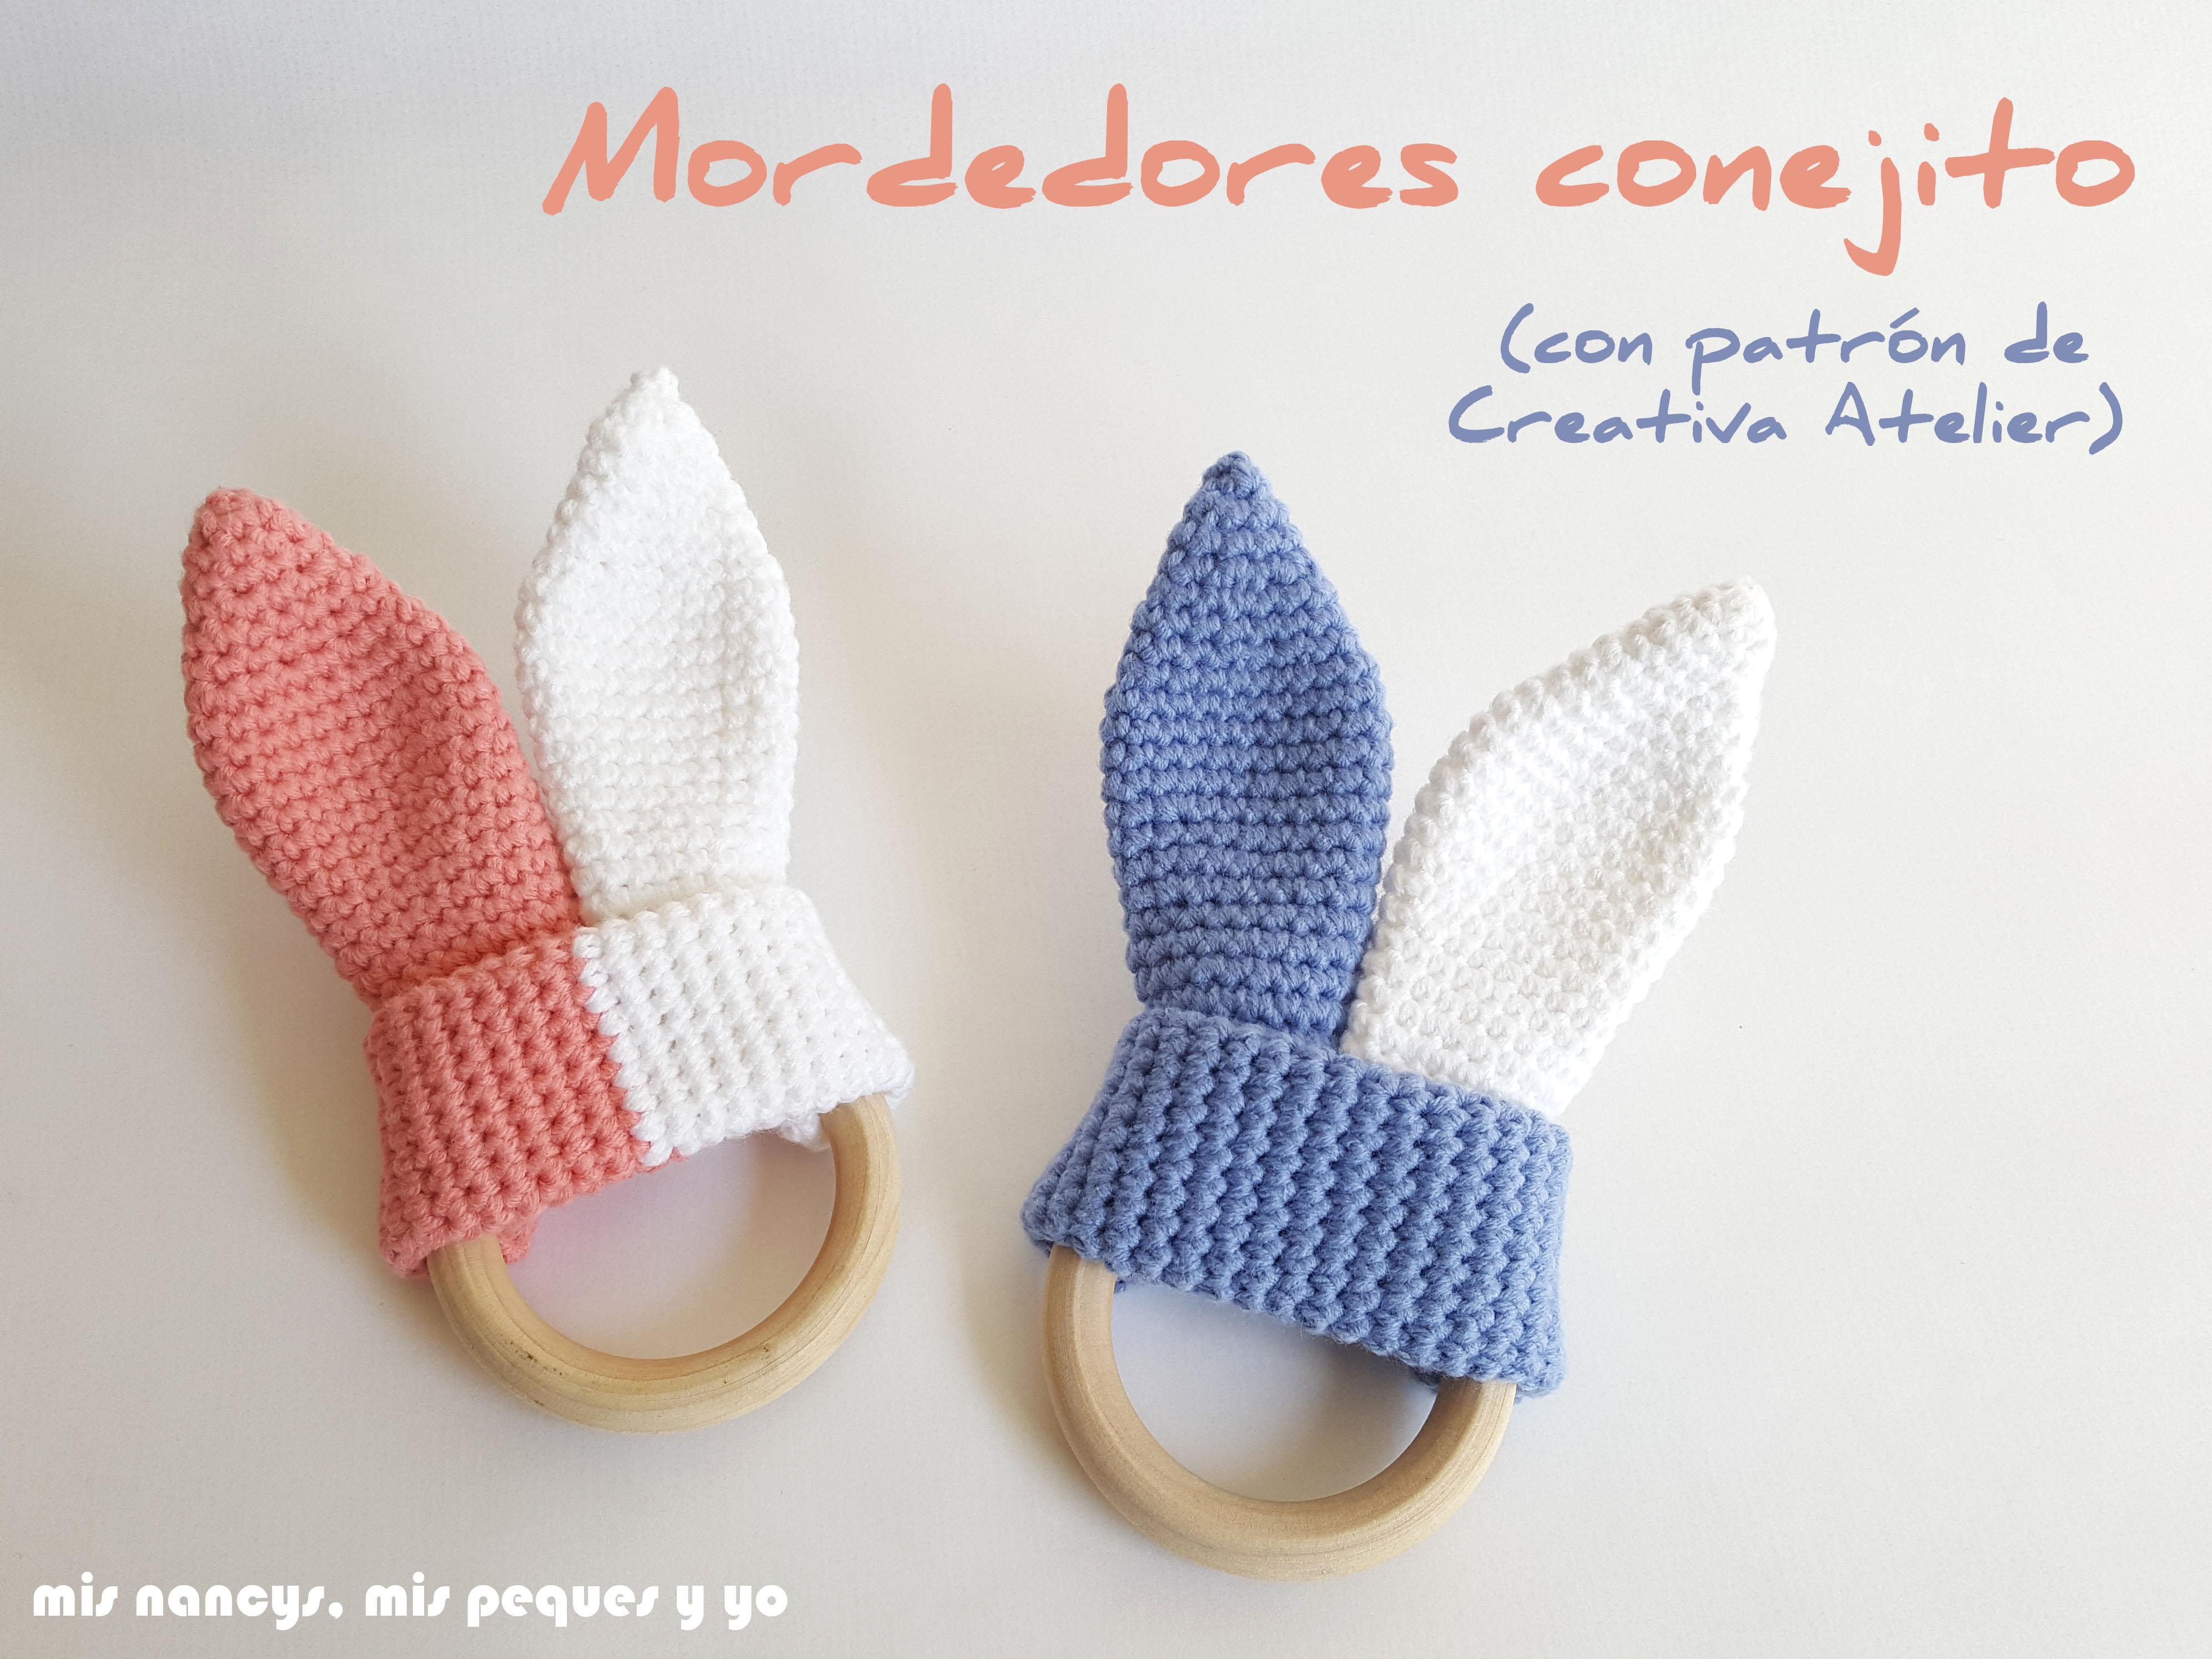 Mordedores conejito de crochet – mis nancys mis peques y yo